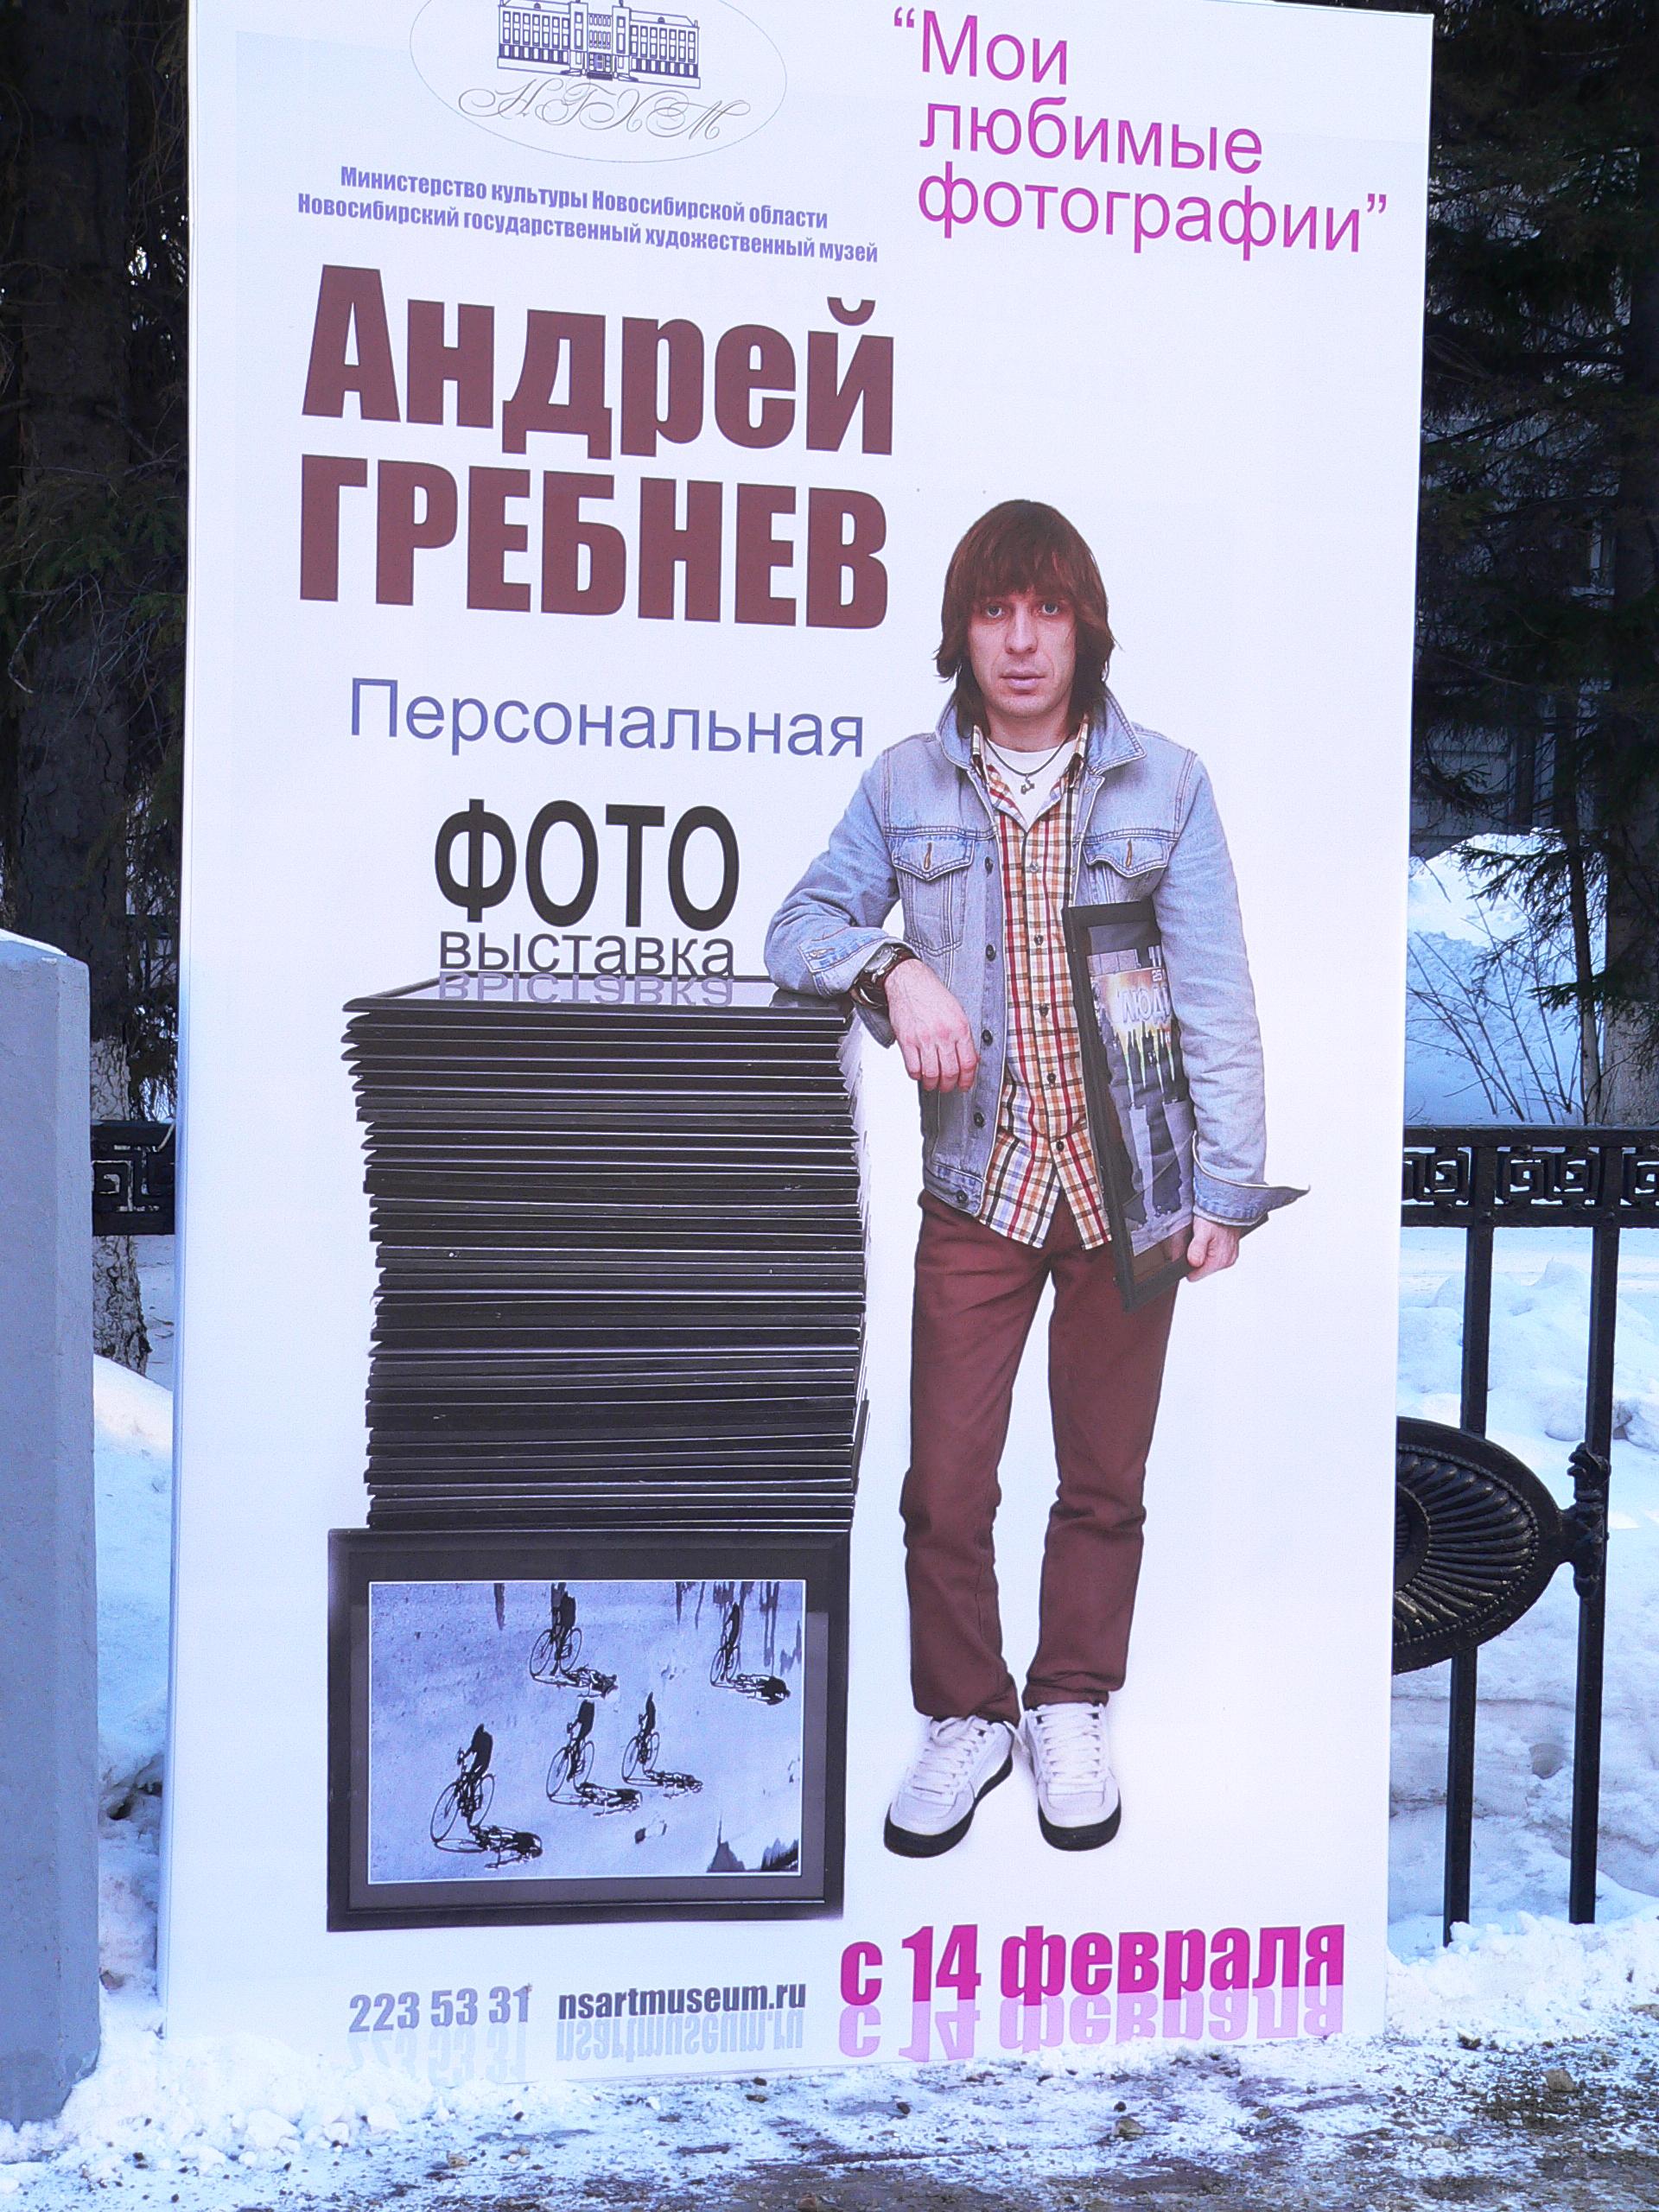 Фотовыставка-Андрея-Гребнева-в-Новосибирске